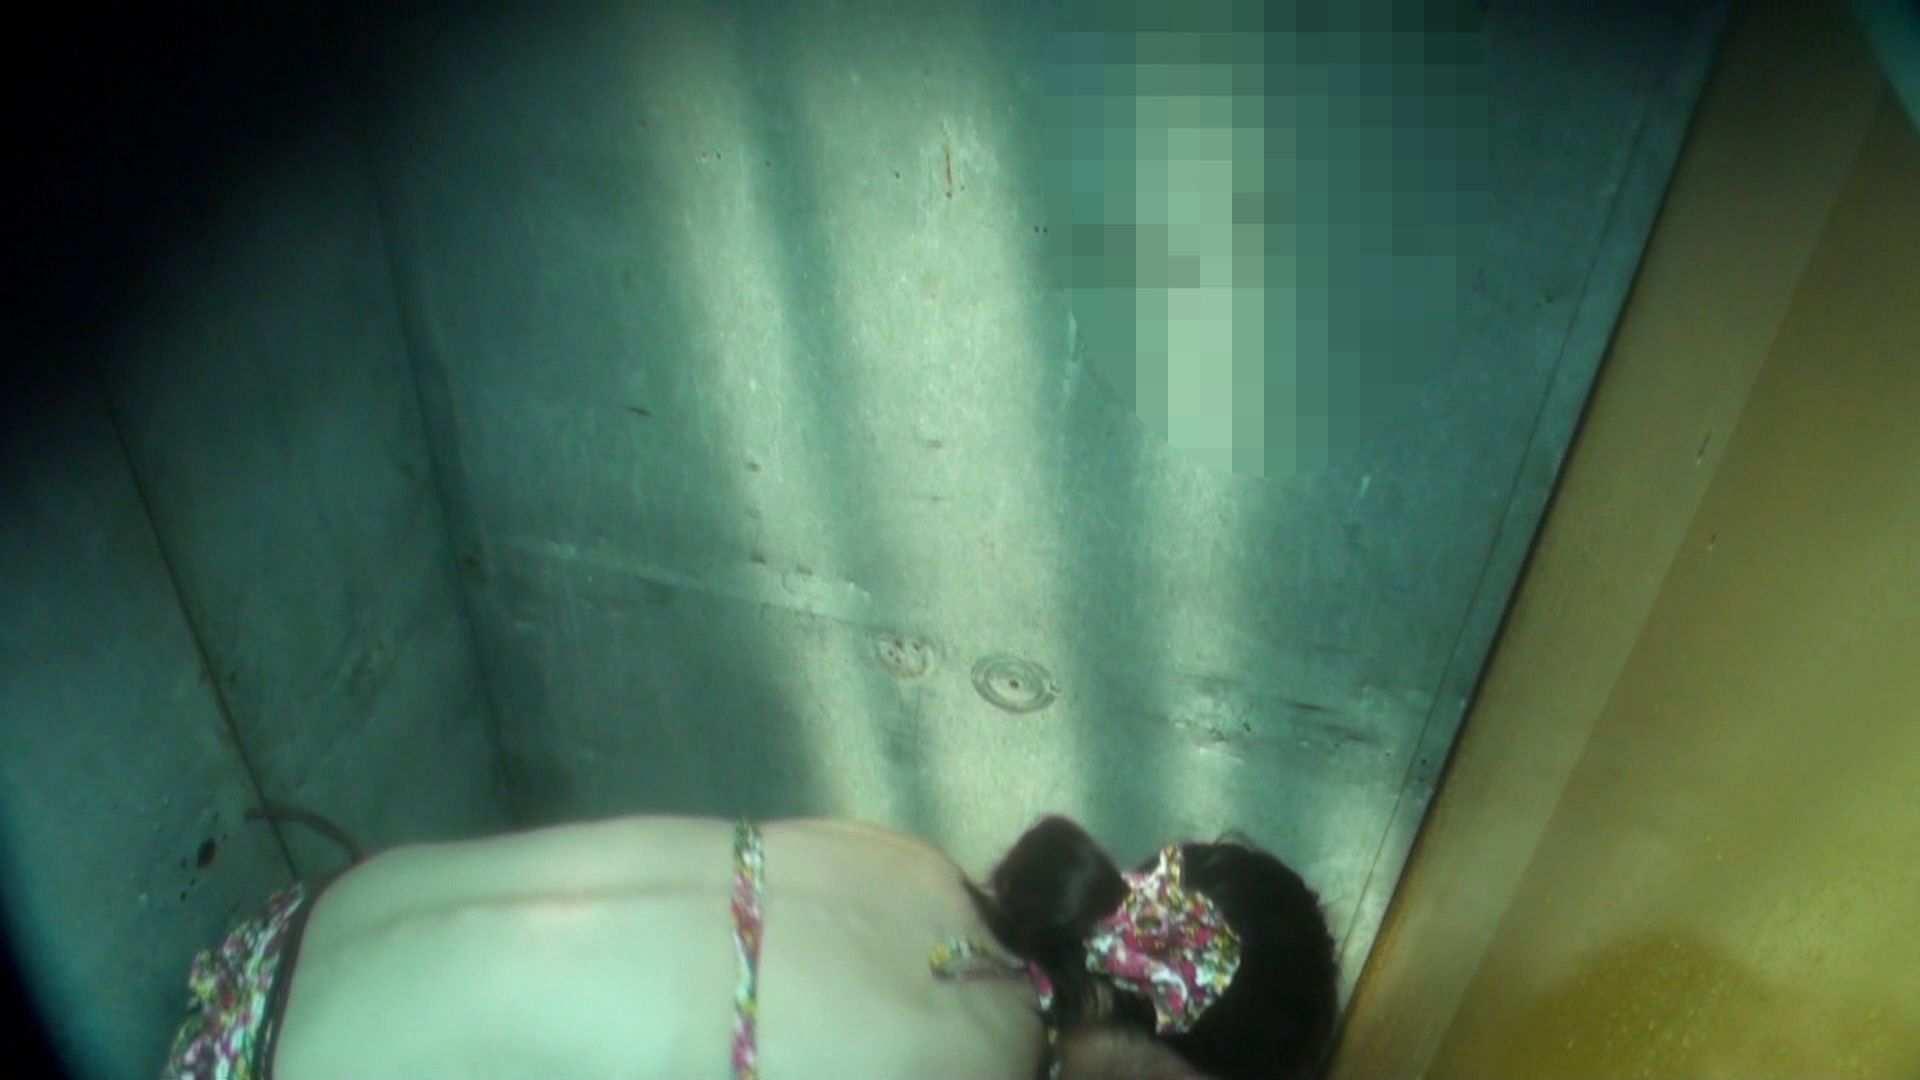 シャワールームは超!!危険な香りVol.16 意外に乳首は年増のそれ シャワー おめこ無修正動画無料 108画像 11